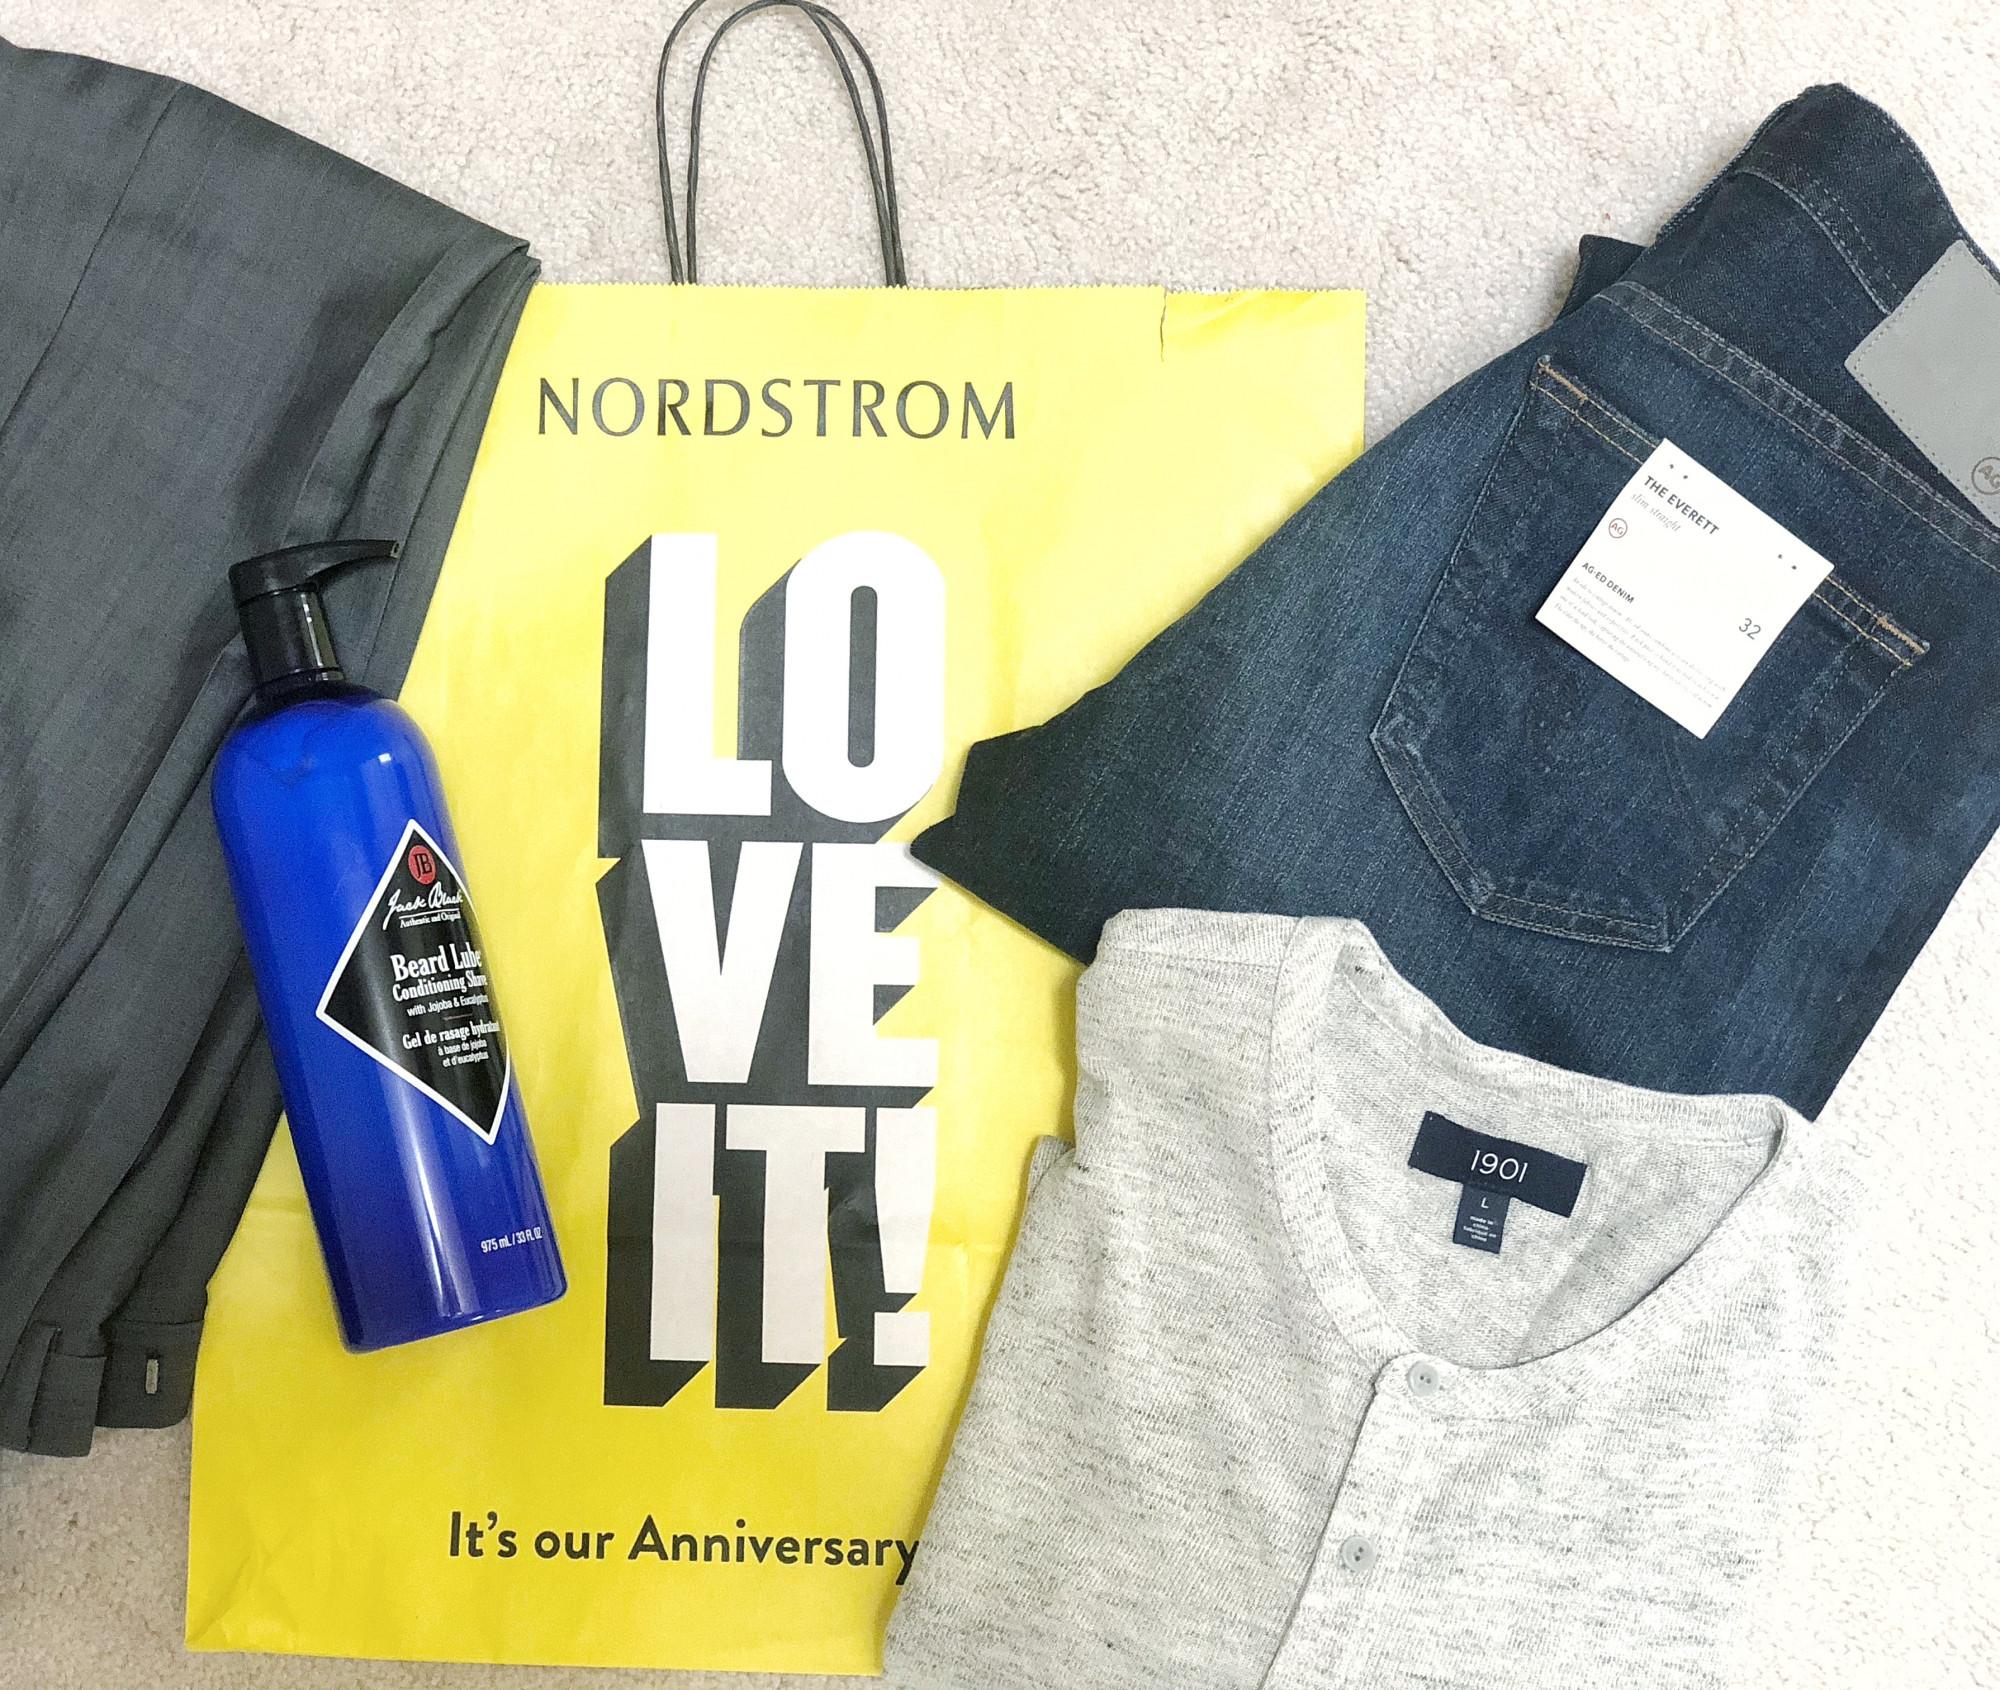 nordstrom men's